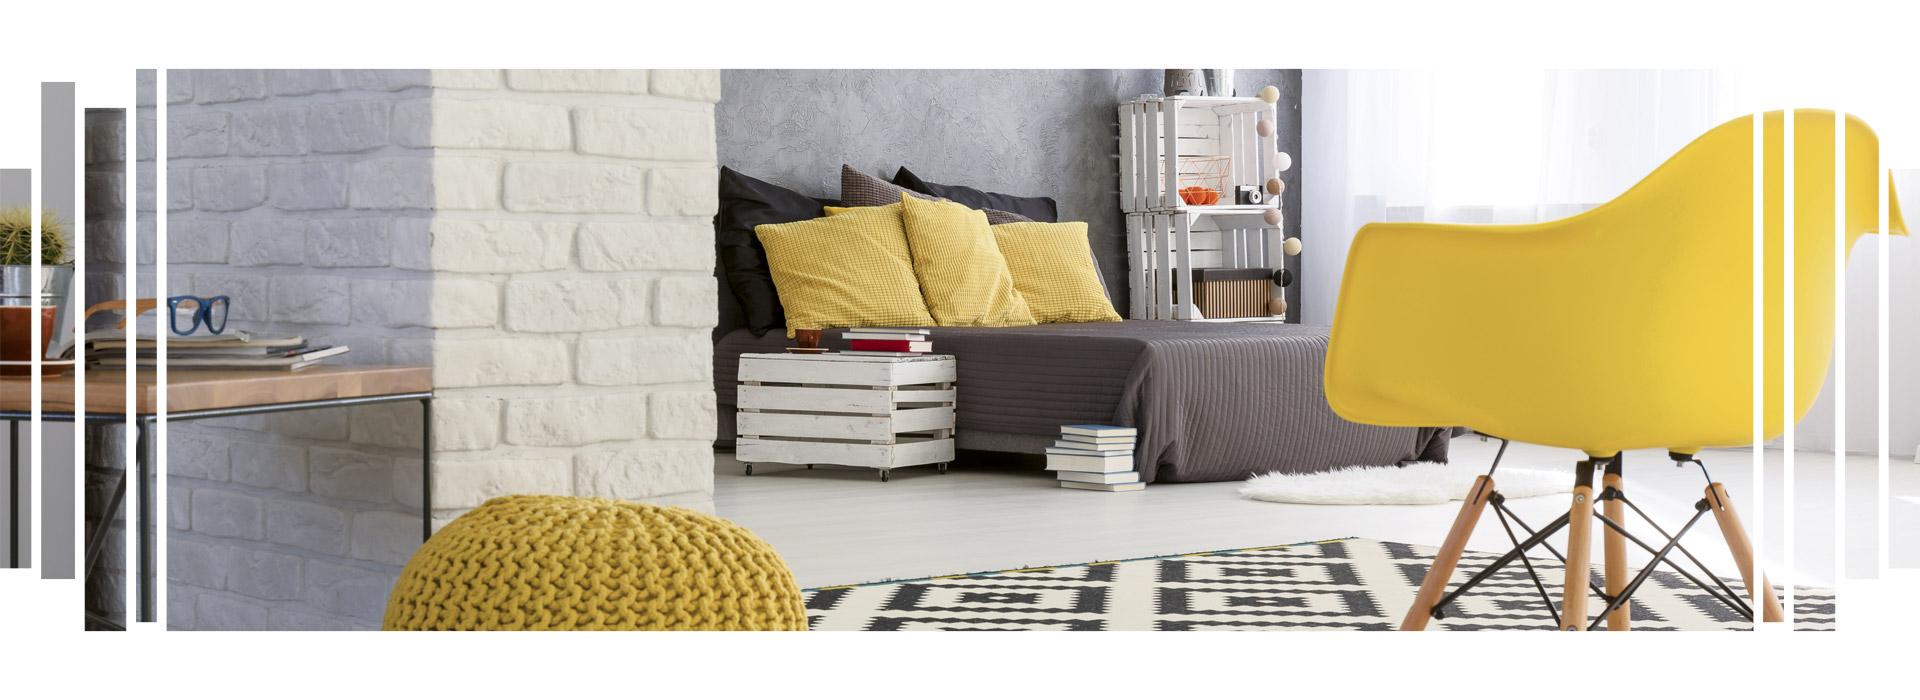 aménagement chambre grise et jaune